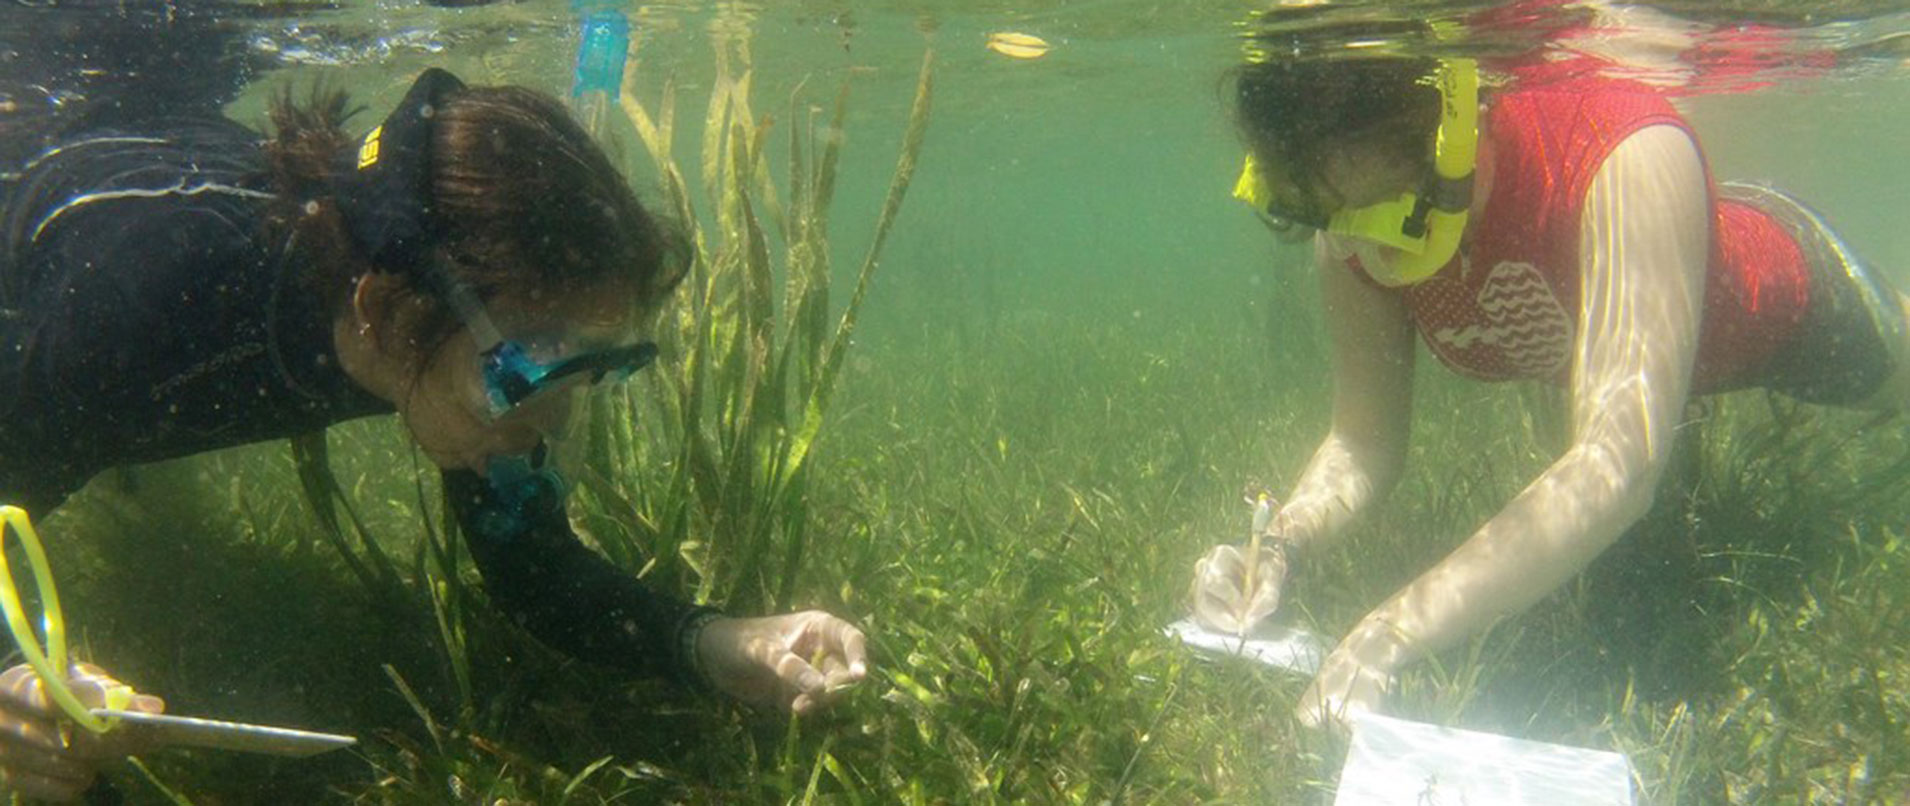 Marine-Conservation internship in the Philippines